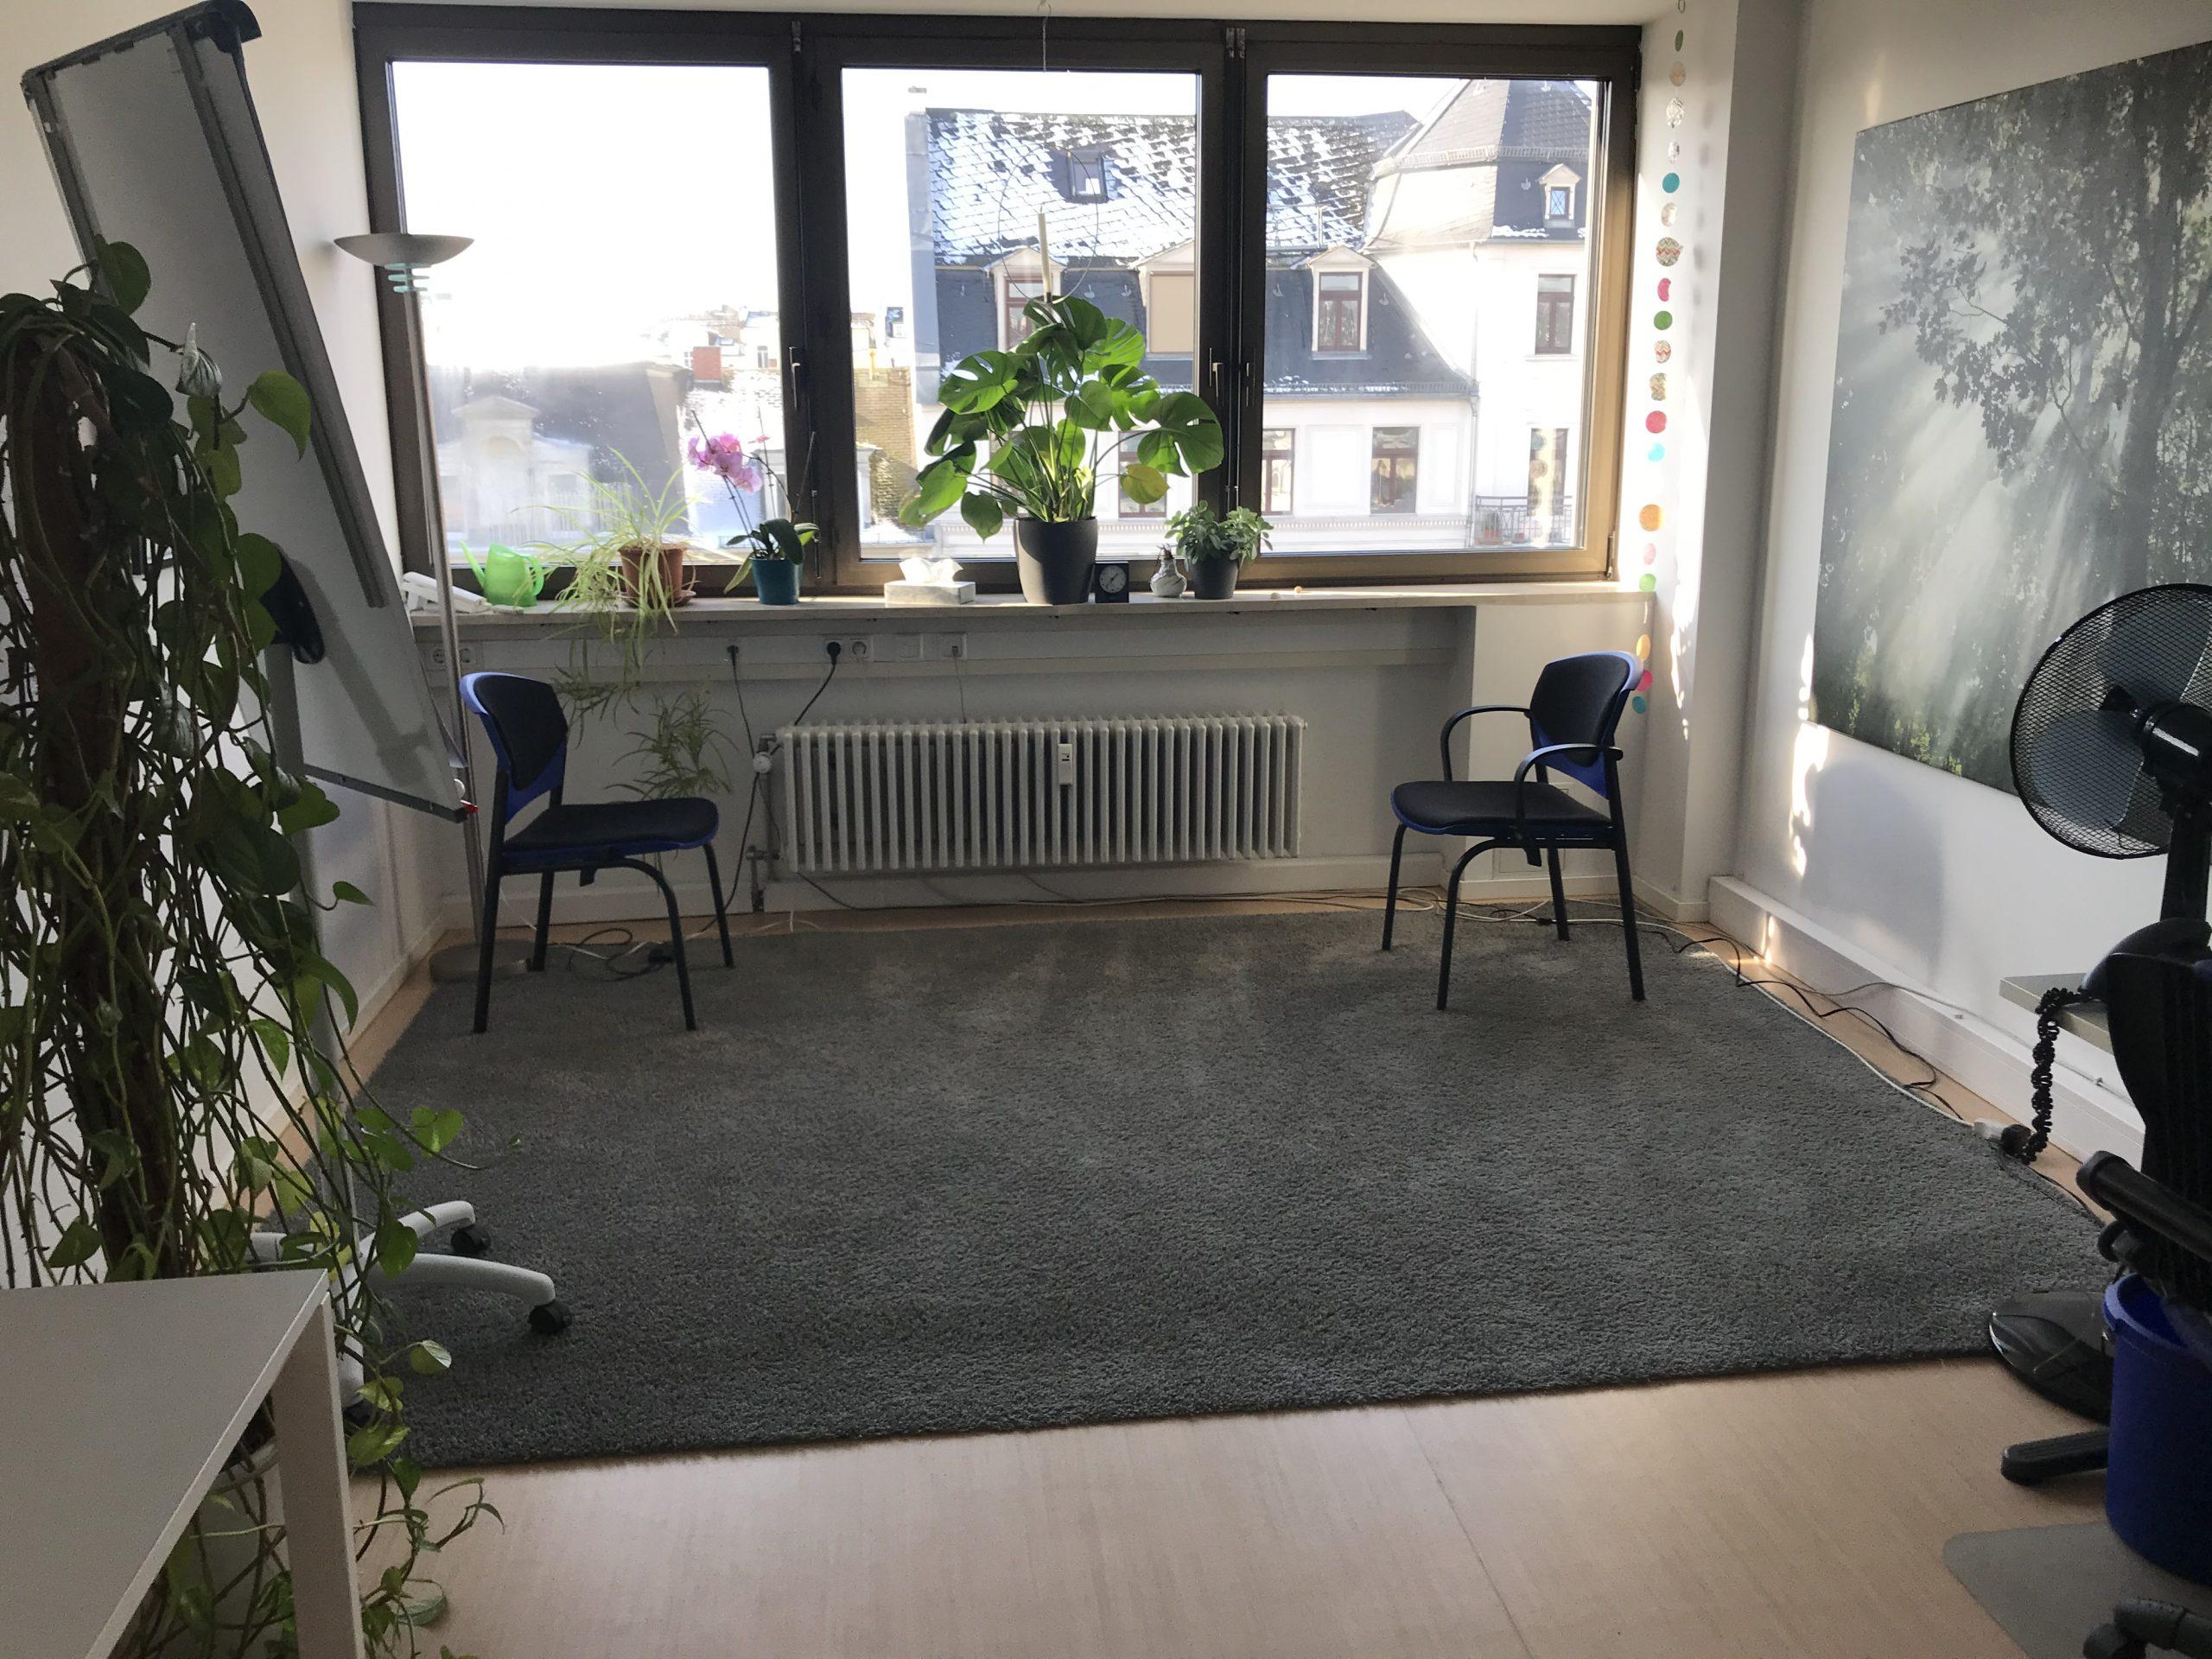 Institut für Beratung und Therapie von Familien und Jugendlichen in Wiesbaden - ITB - Unsere Räume - 2